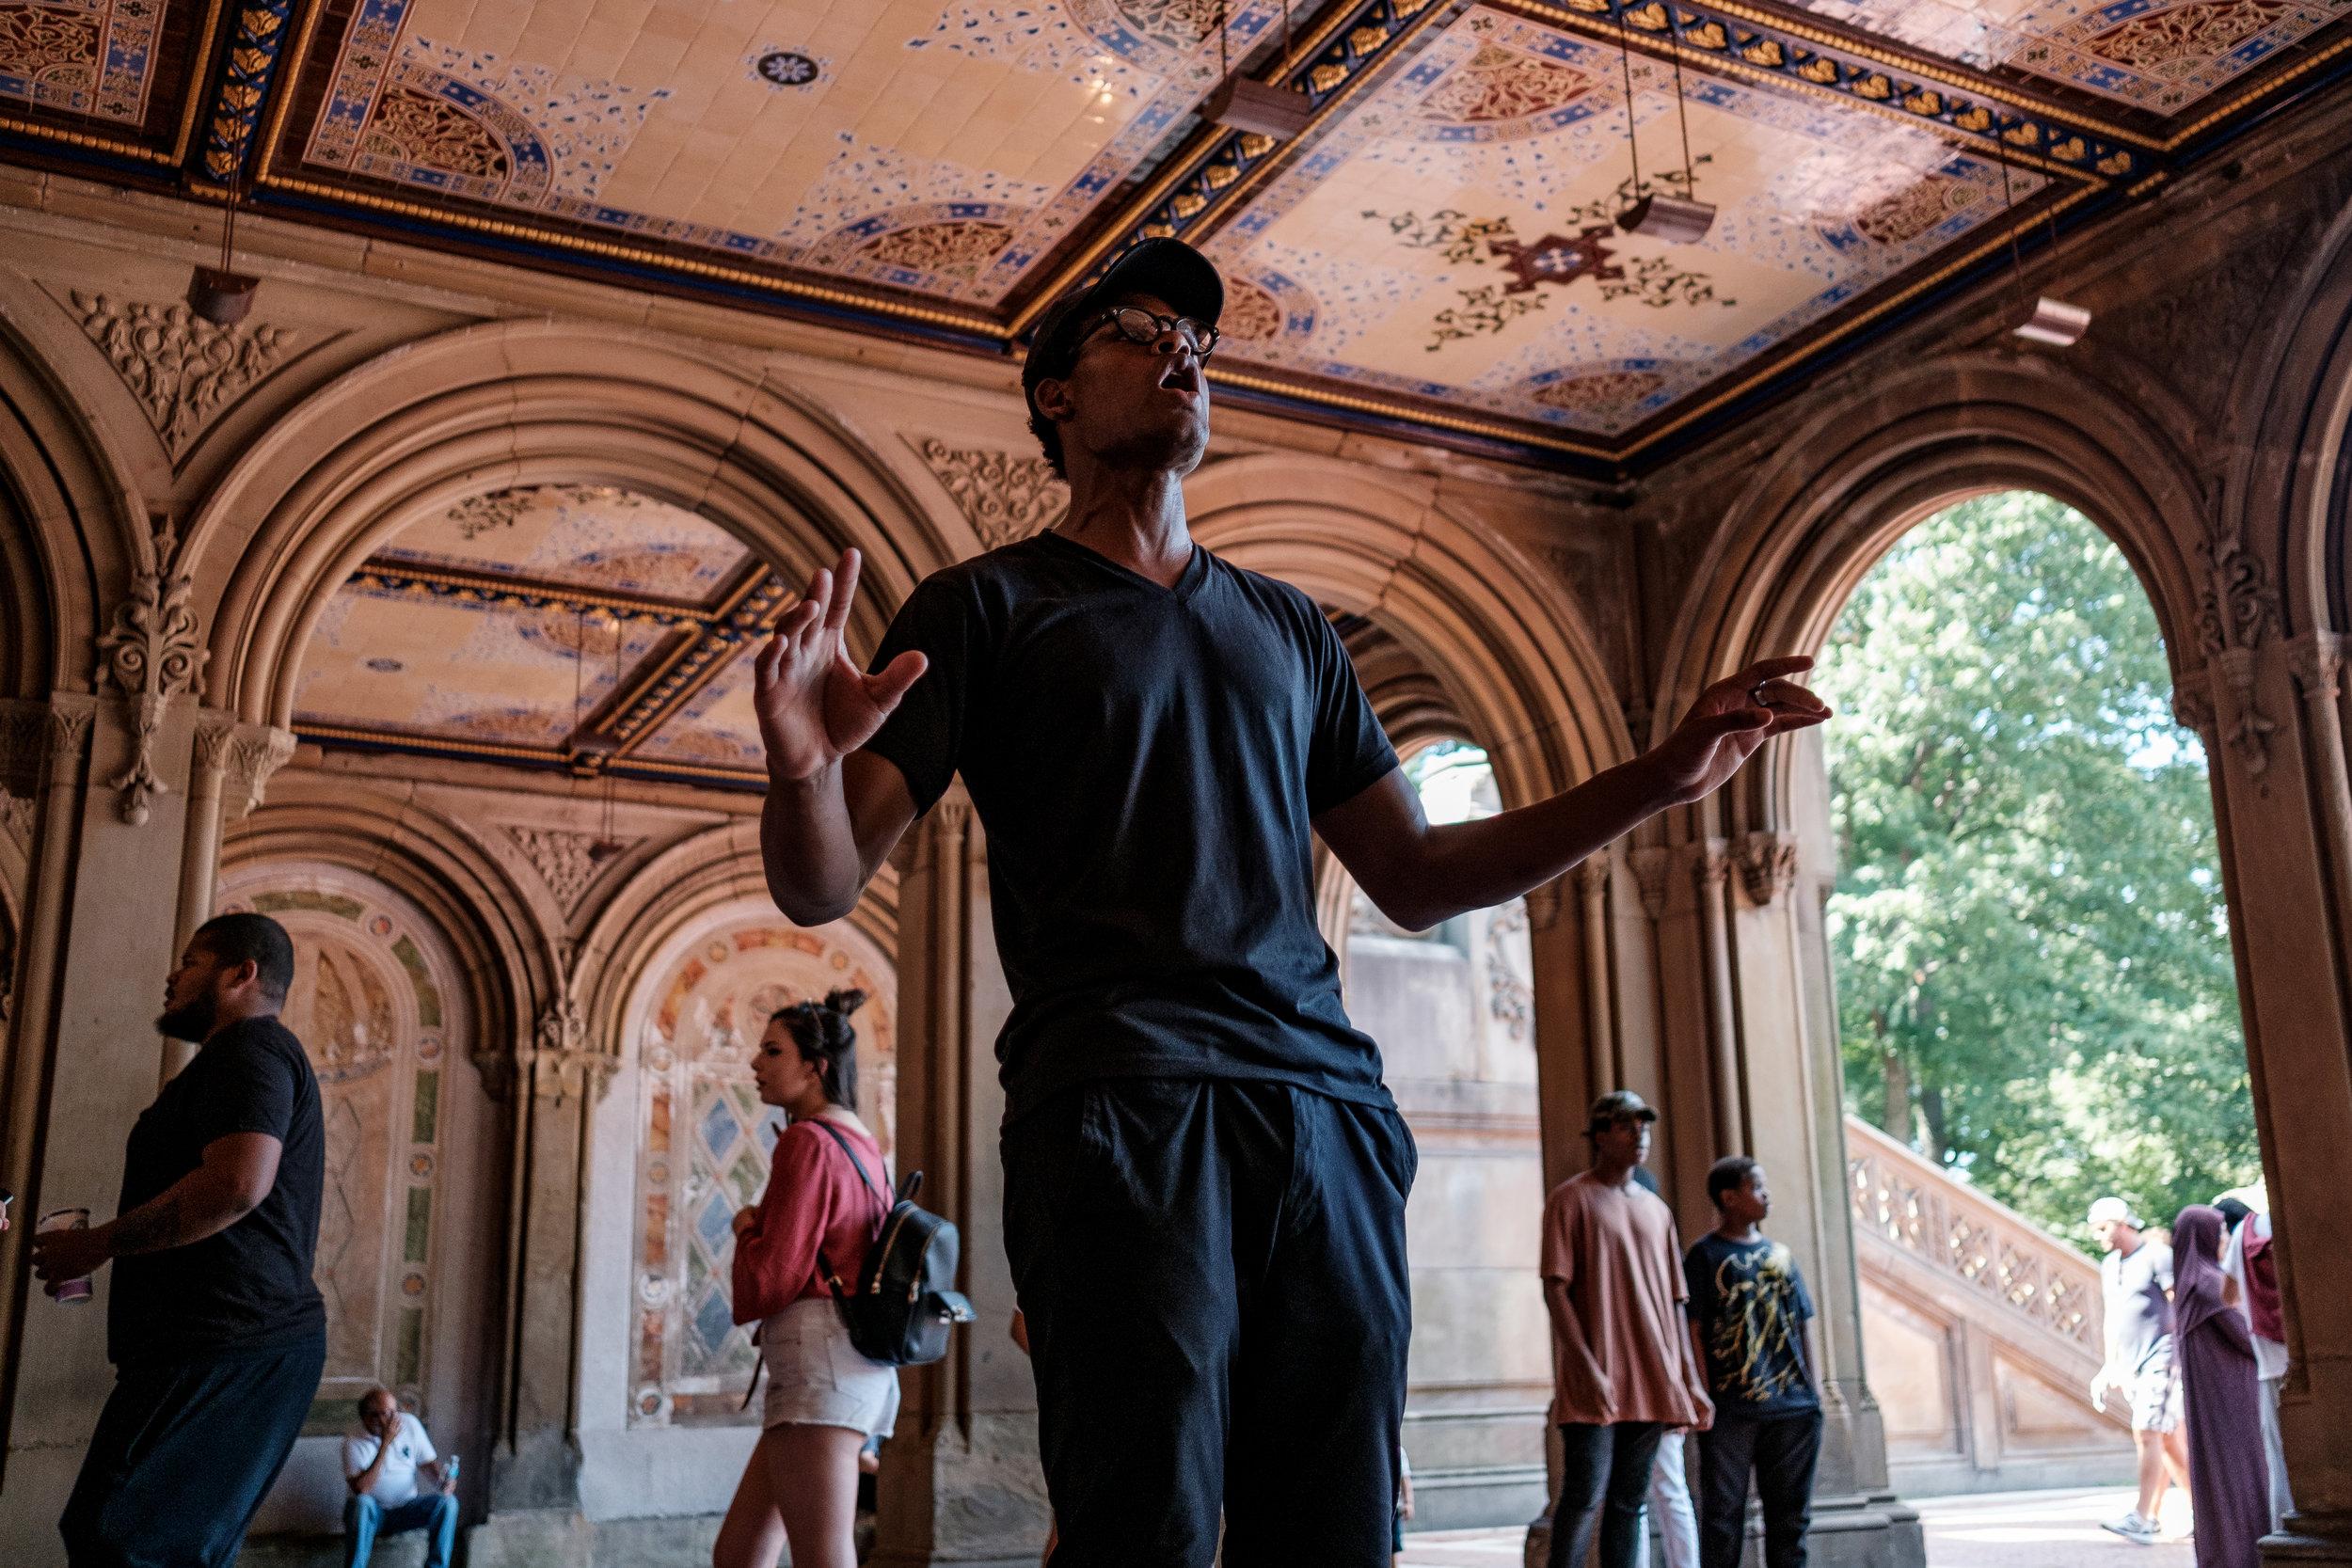 Central Park Sunday Aug 13 2017-5.jpg